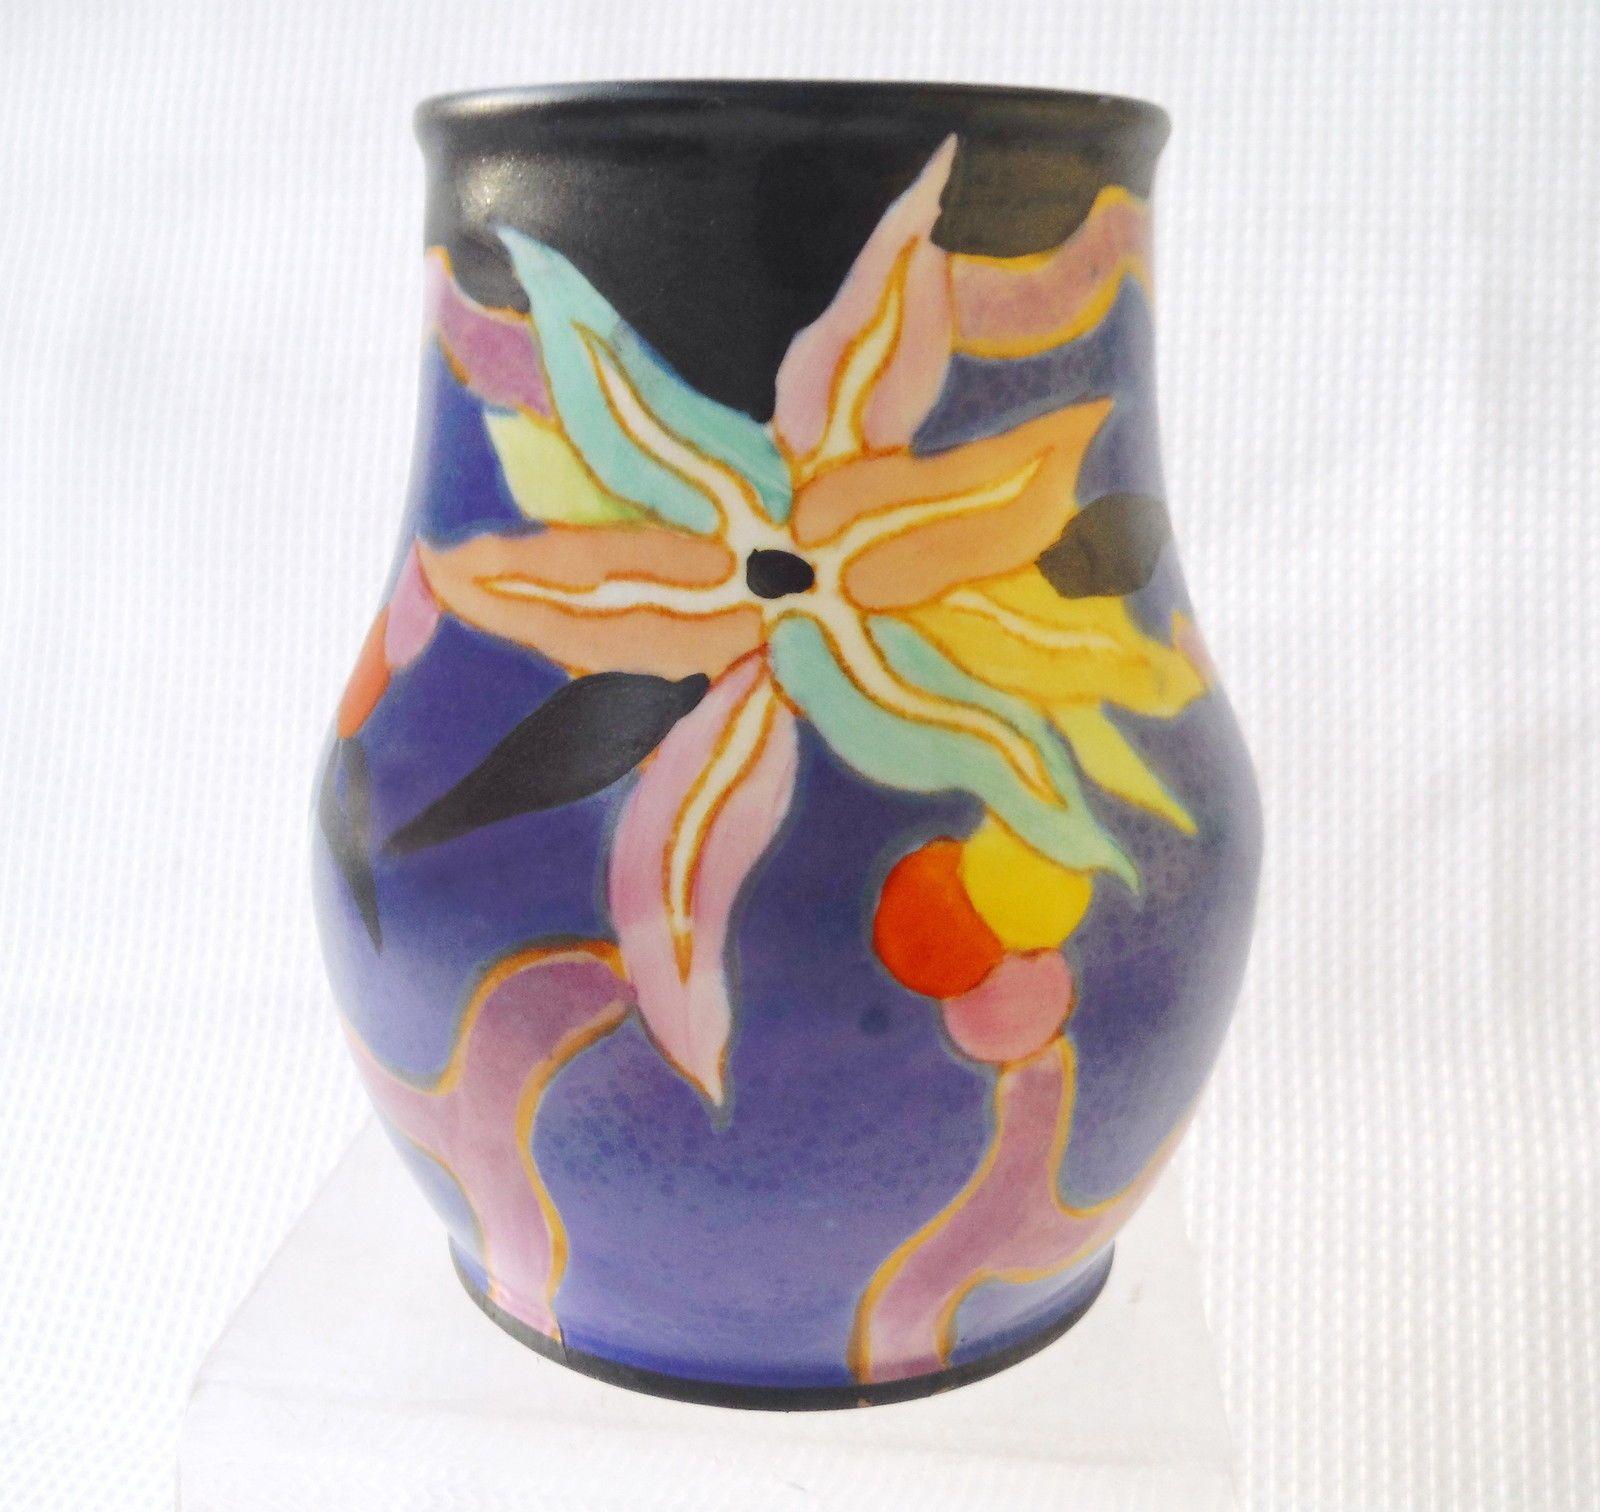 carlton ware vase of http www ebay co uk itm carlton ware stellata handcraft vase intended for china a· vase a· http www ebay co uk itm carlton